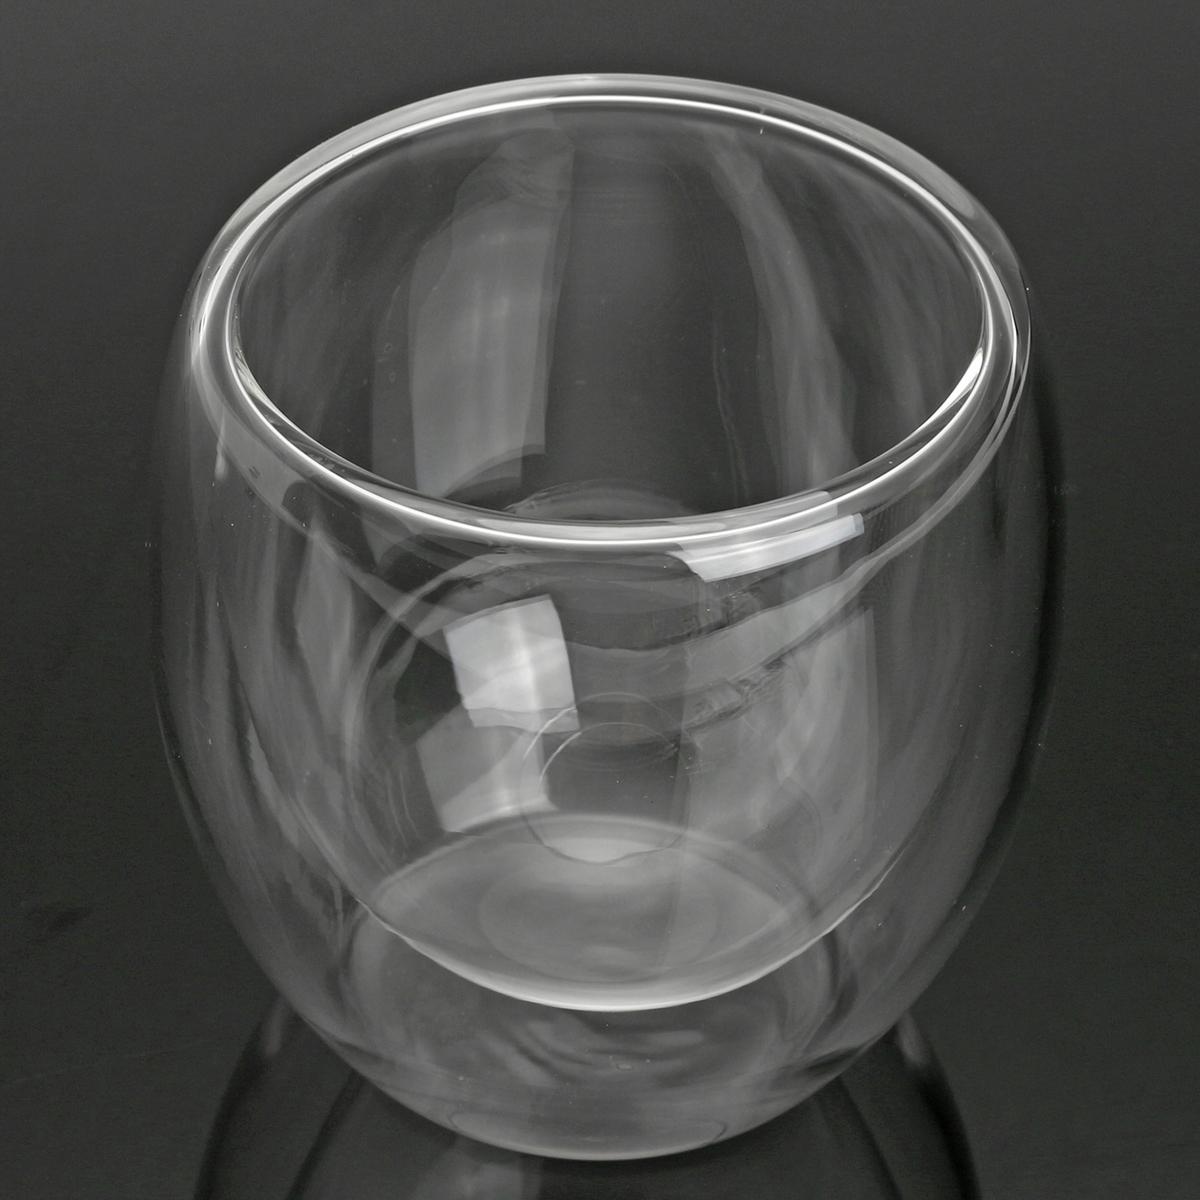 80 мл Прозрачное Стекло с Двустенной Чашкой Кружка Тепловой Тепловой Офис Чай Пить Чай Контейнер фото